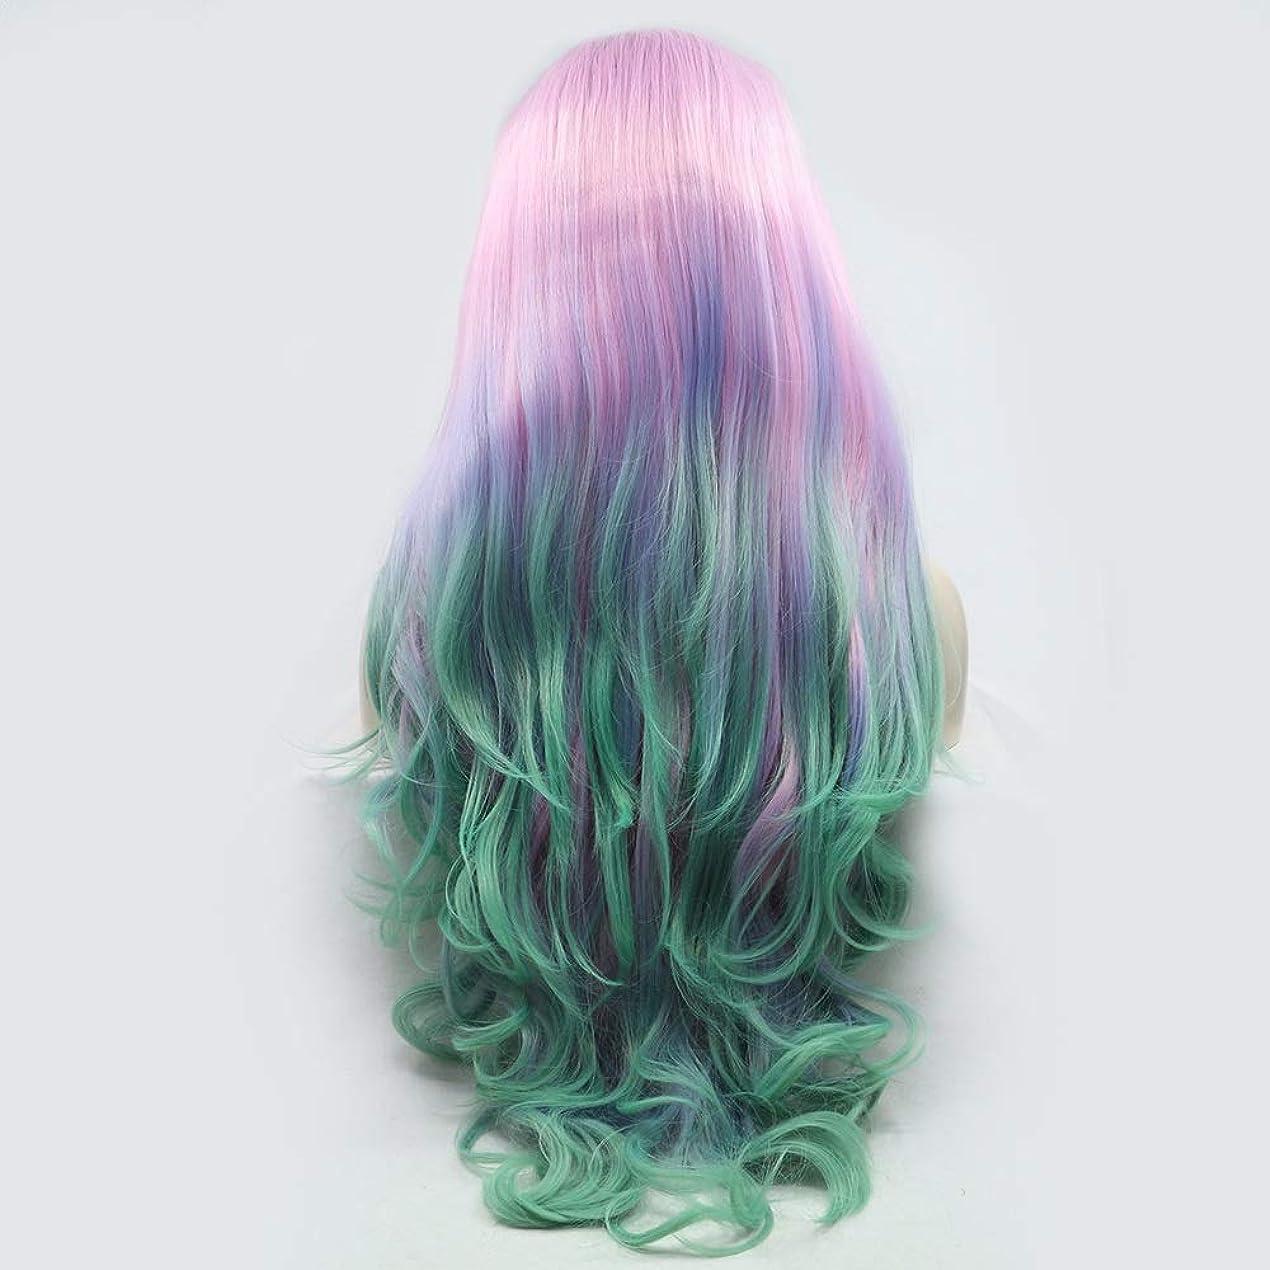 混乱砲撃リッチZXF 多色長い巻き毛のかつらレディース手作りレースヨーロッパとアメリカのかつらをかつらの髪の色で設定された色ピンク - グリーン - グラデーションセット 美しい